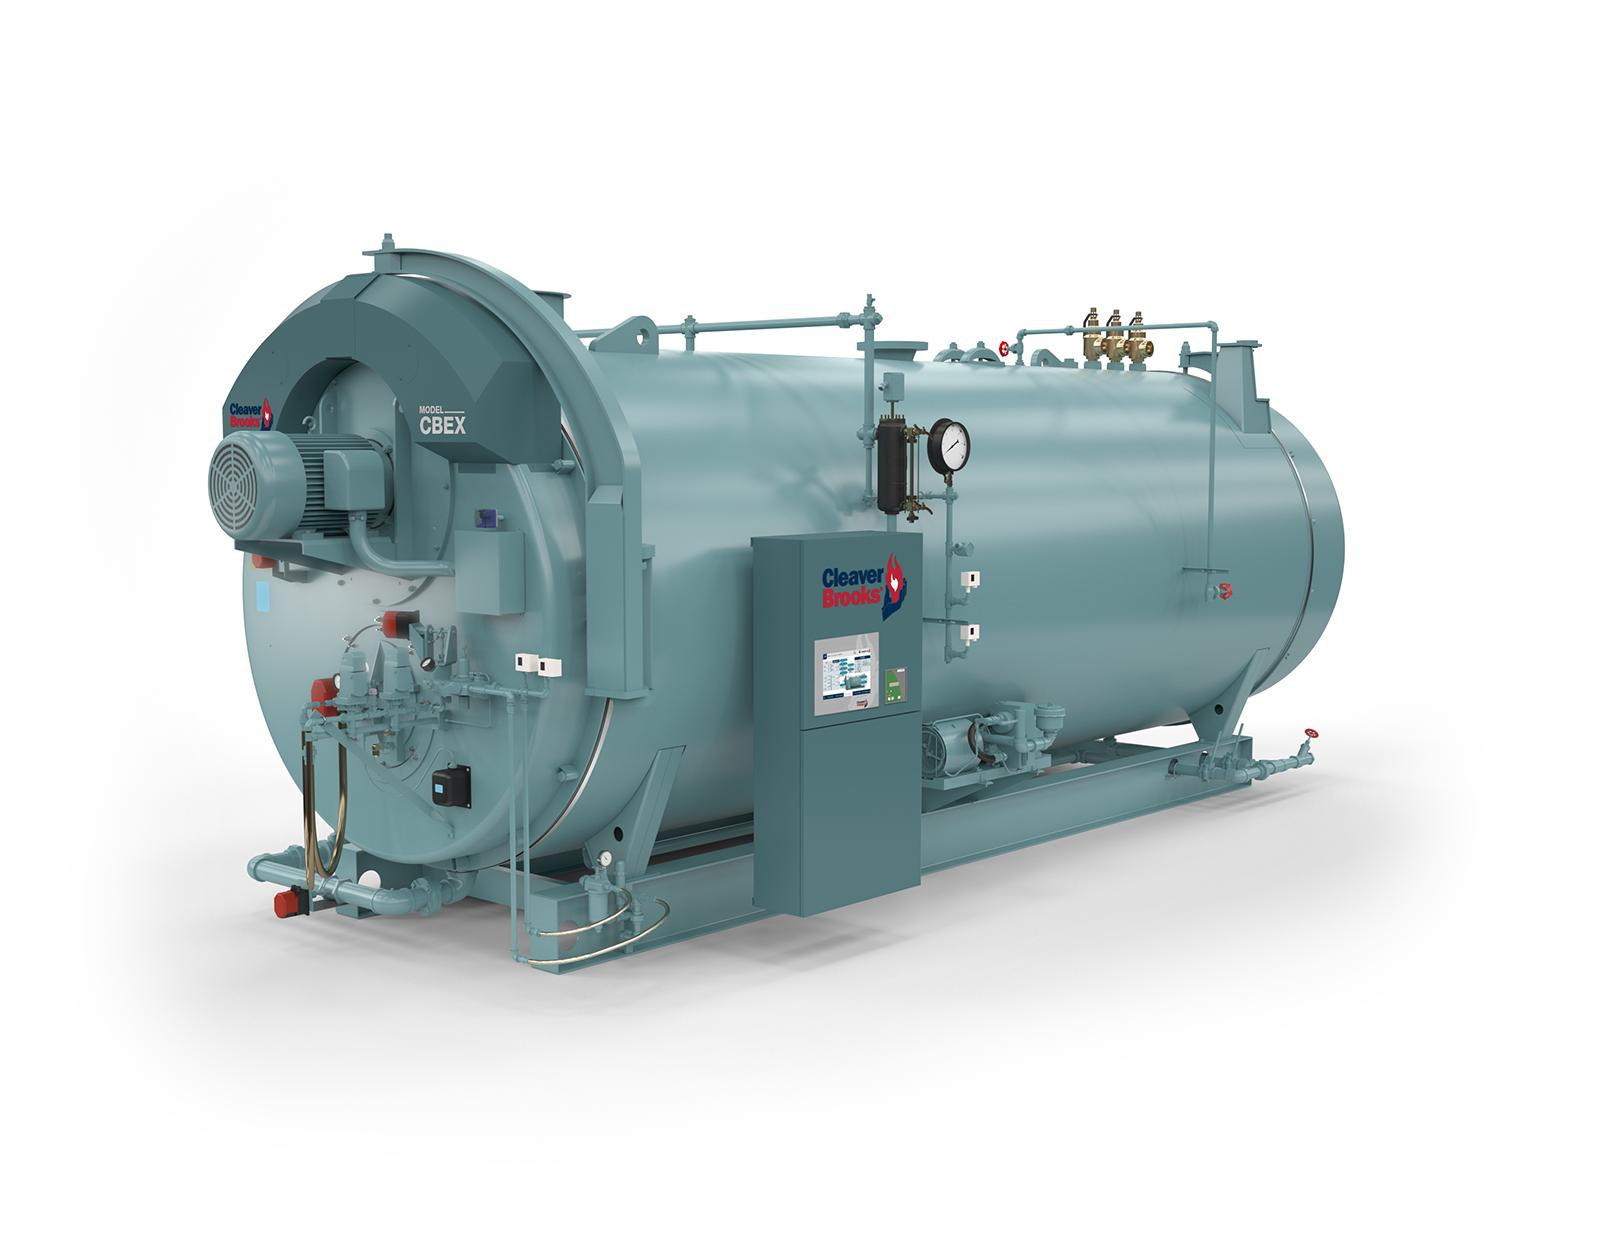 CBEX Firetube Boiler